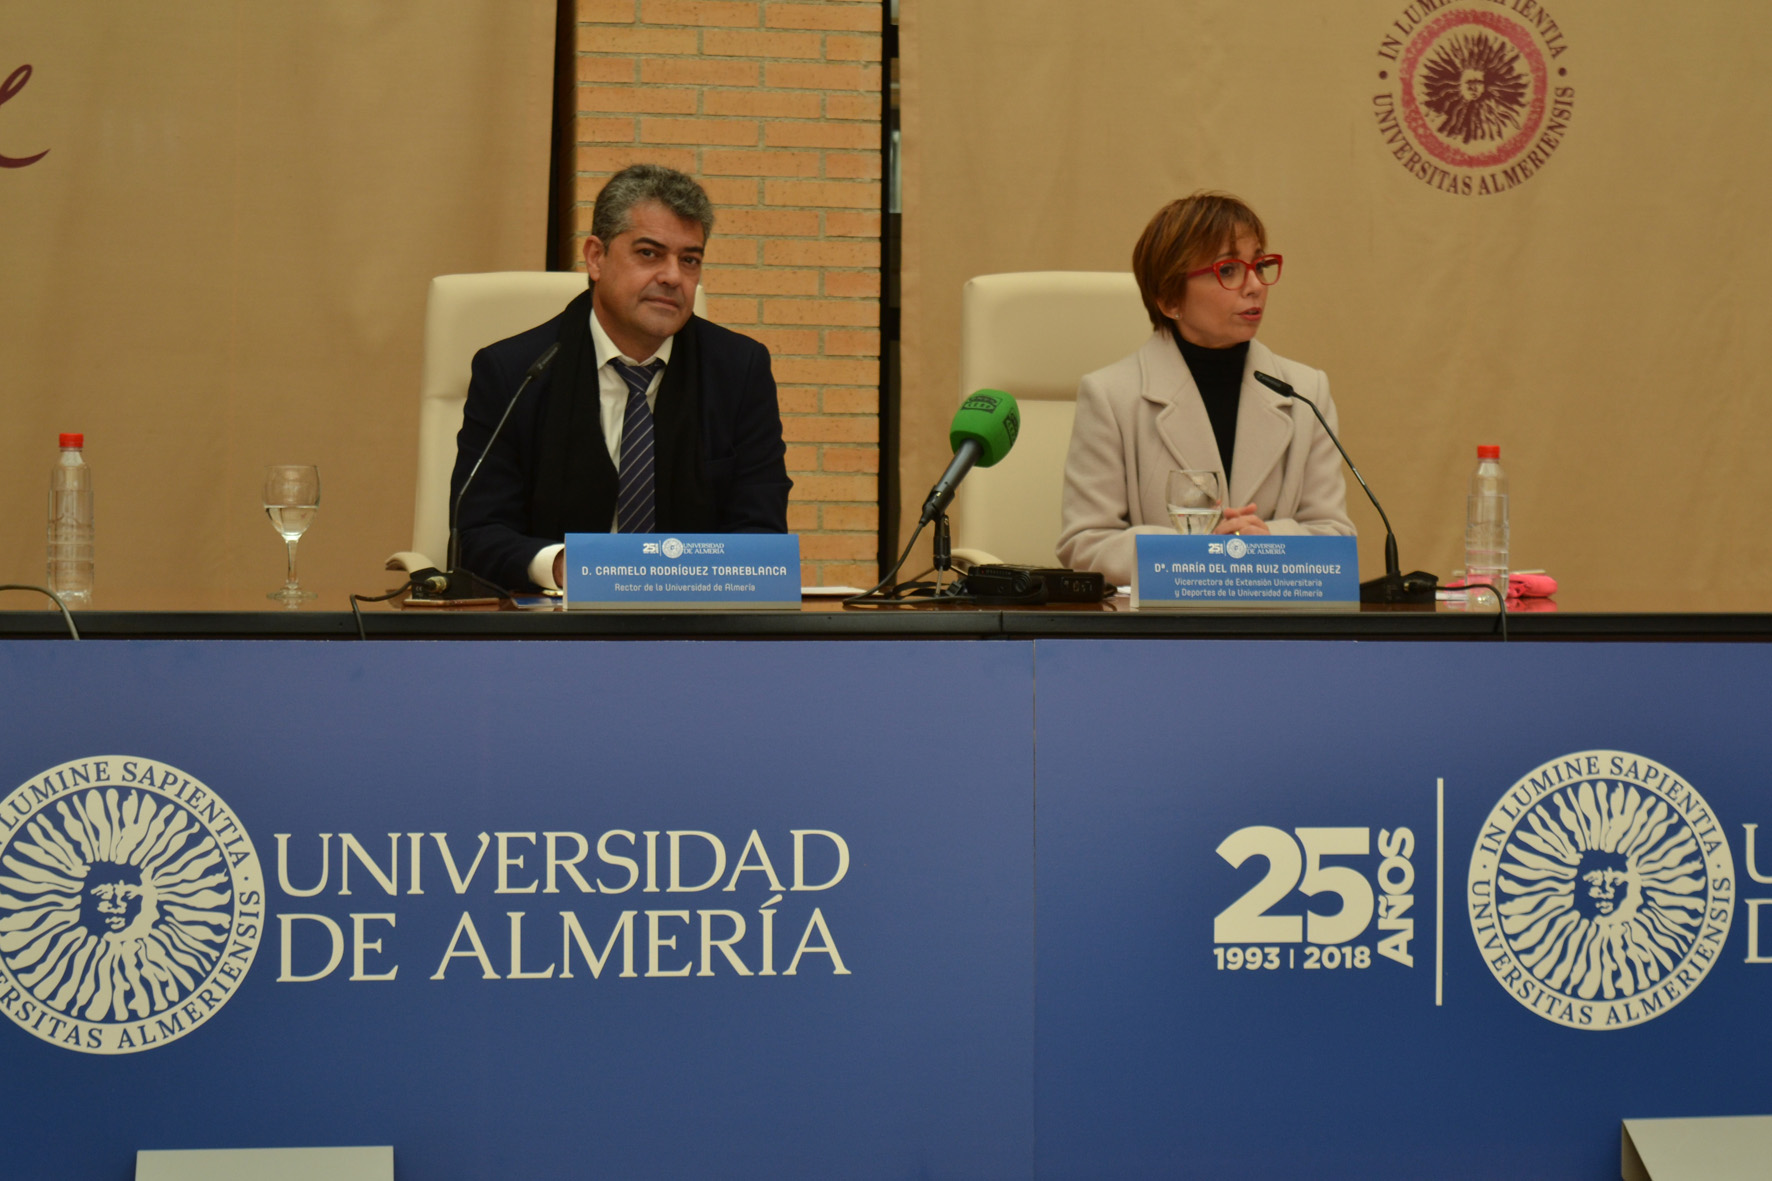 La UAL cumple sus 25 años cercana a la sociedad y con una gran proyección de futuro